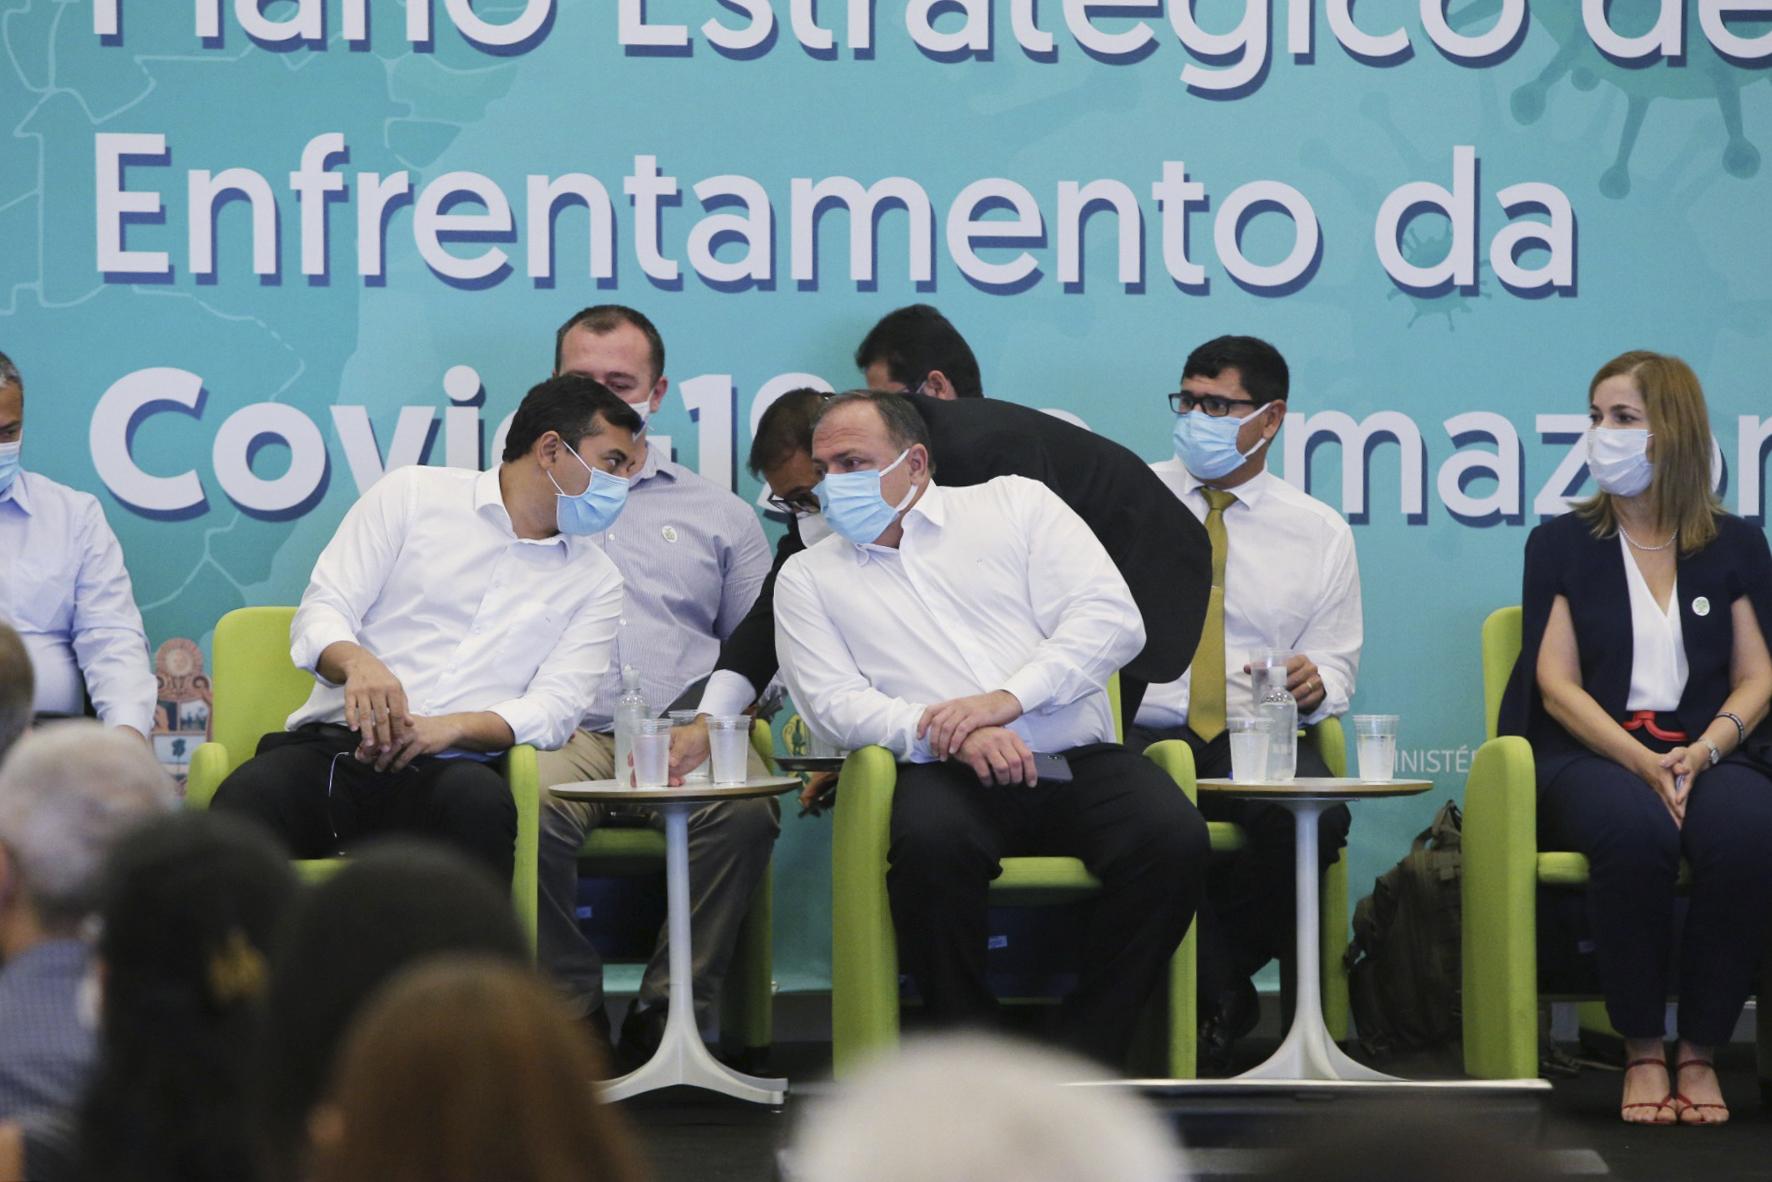 """Pandemia: Ministro da Saúde diz que prioridade na vacinação """"é o Brasil todo"""" e indica """"tratamento precoce"""" em Manaus"""